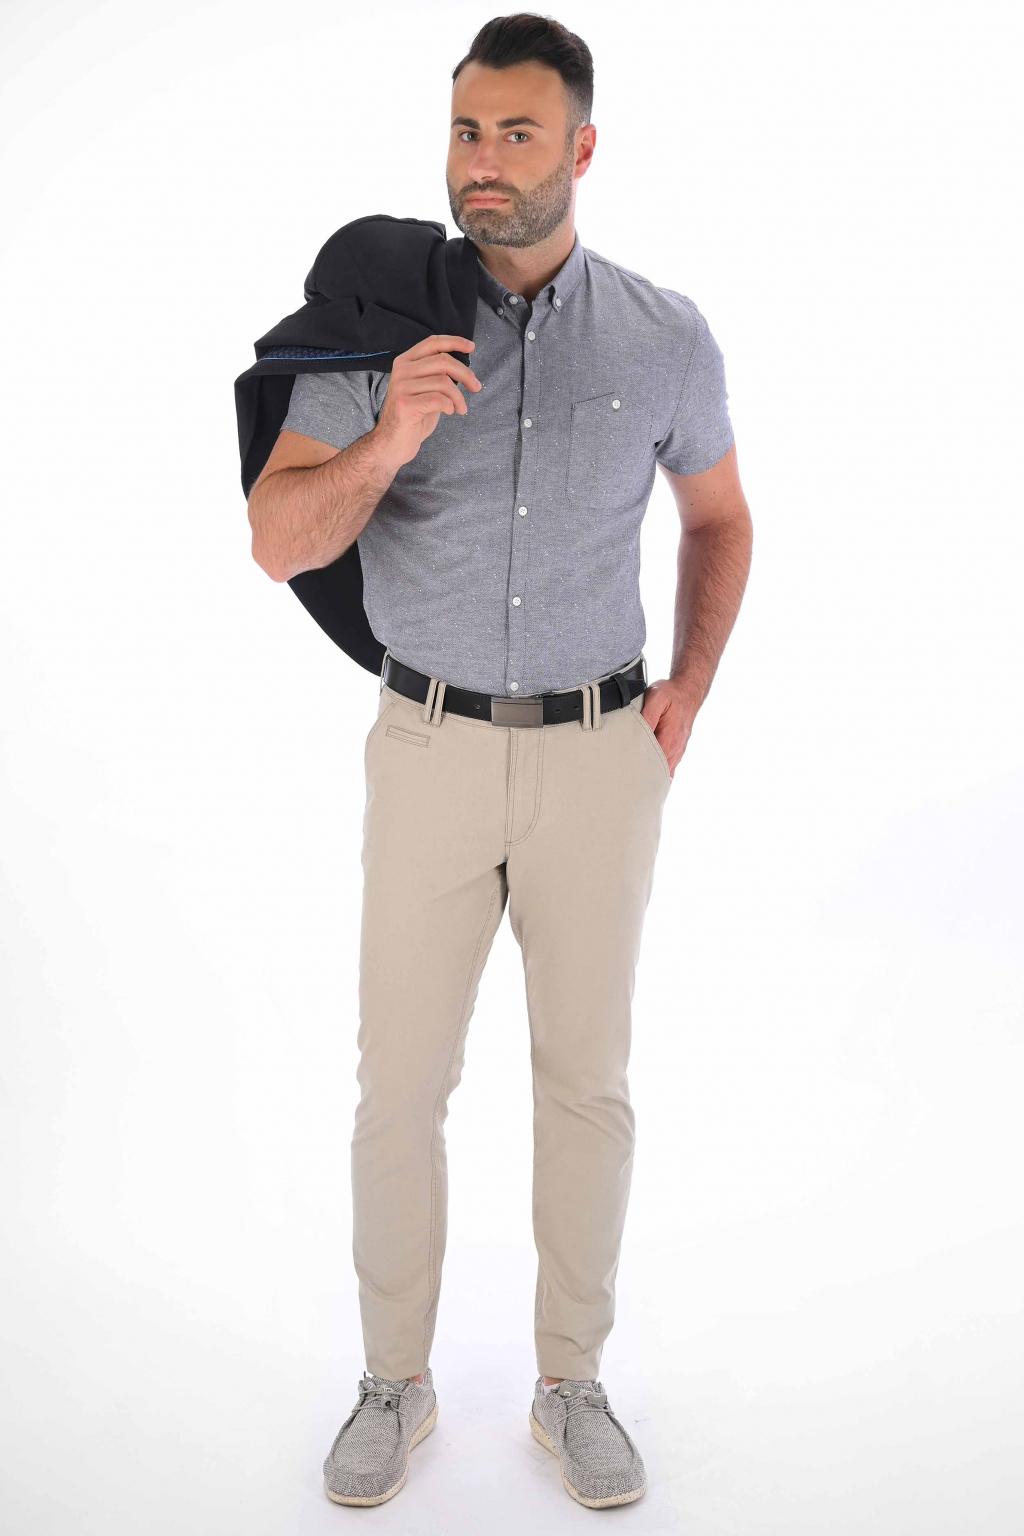 Béžové nohavice Chinos ULTRA SLIM strih, bavlna stretch